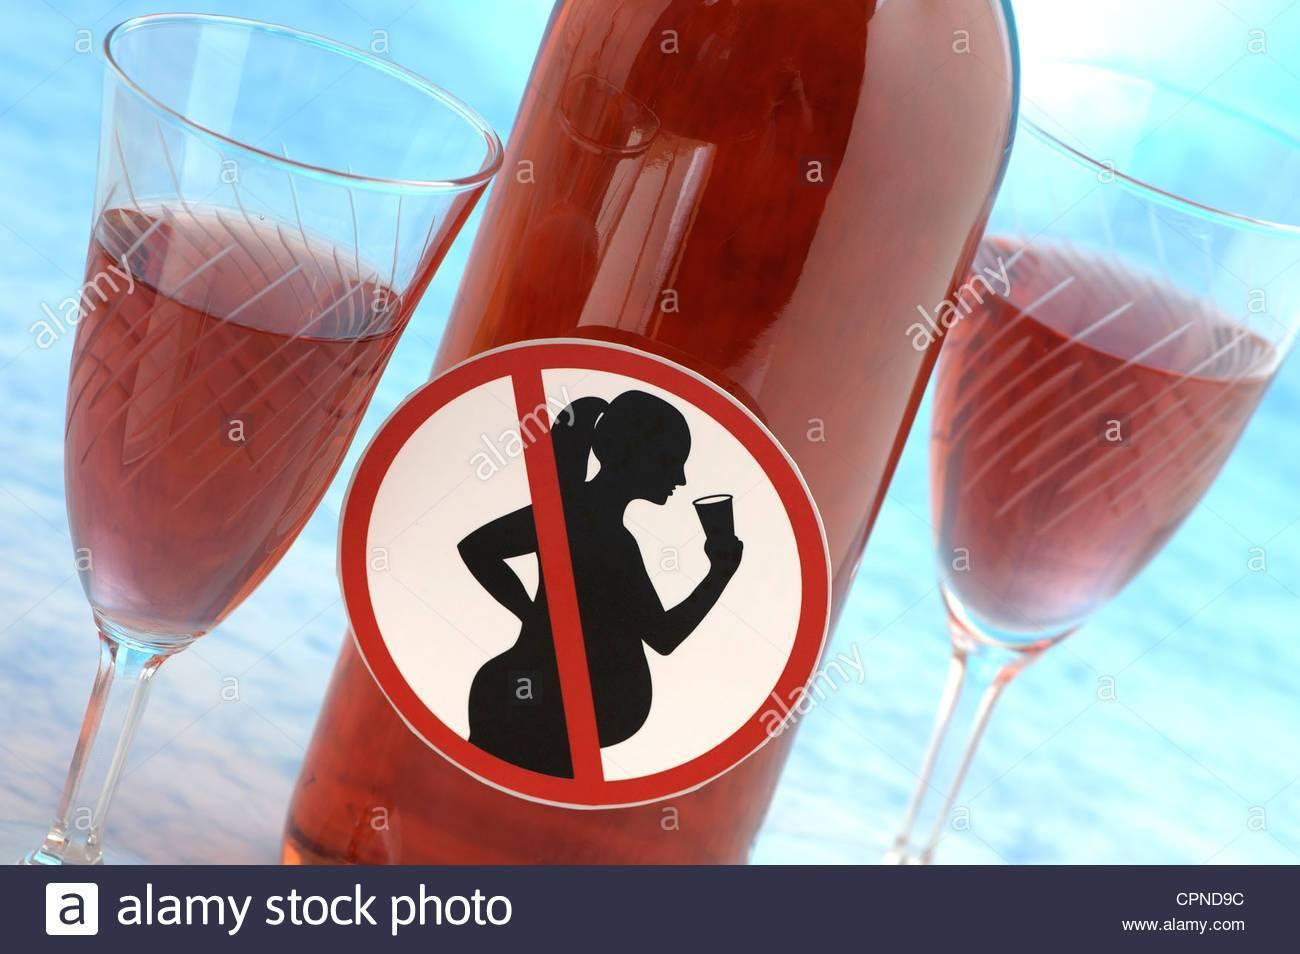 Влияние алкоголя на зачатие ребенка у мужчин: время полного воздержания   medeponim.ru